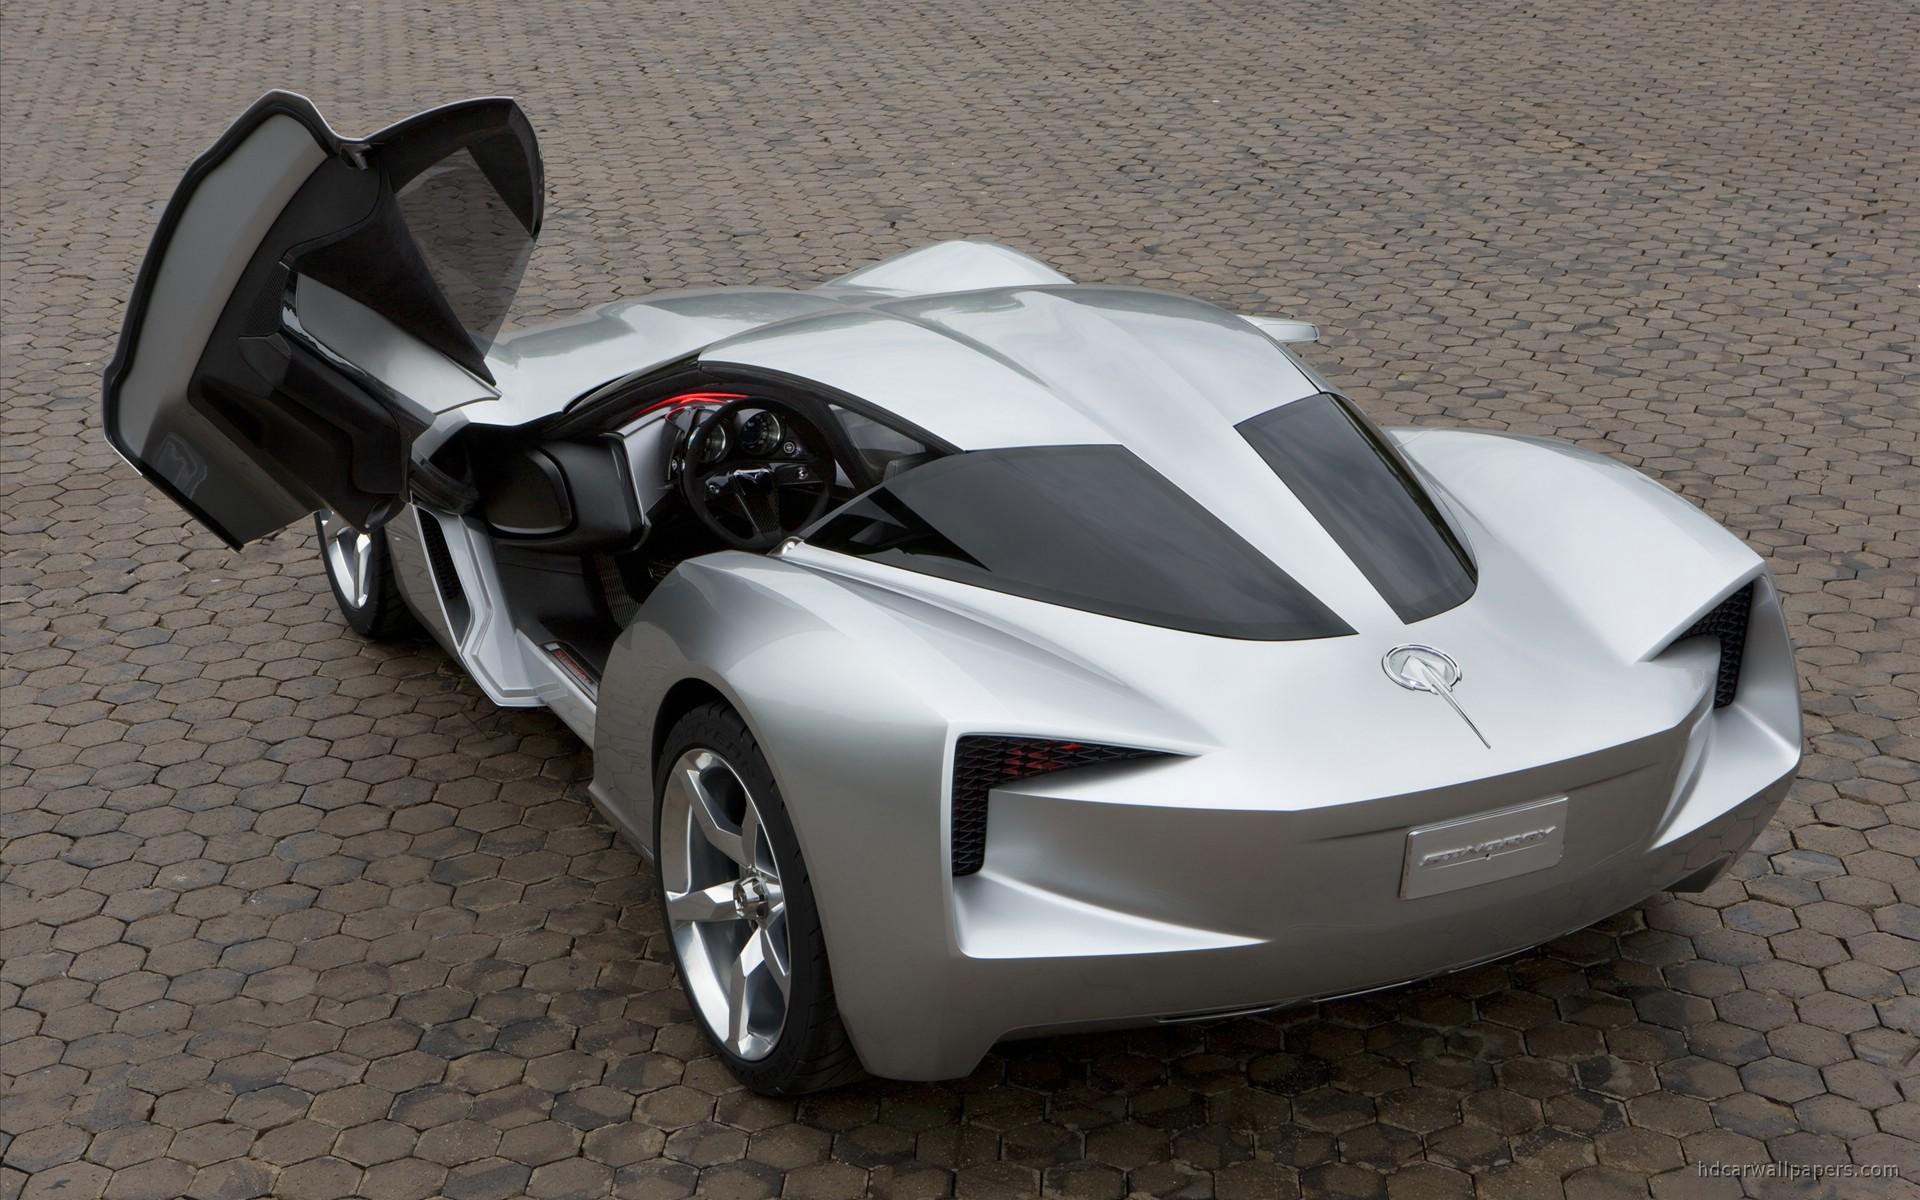 50th Anniversary Corvette Stingray Concept Wallpaper Hd